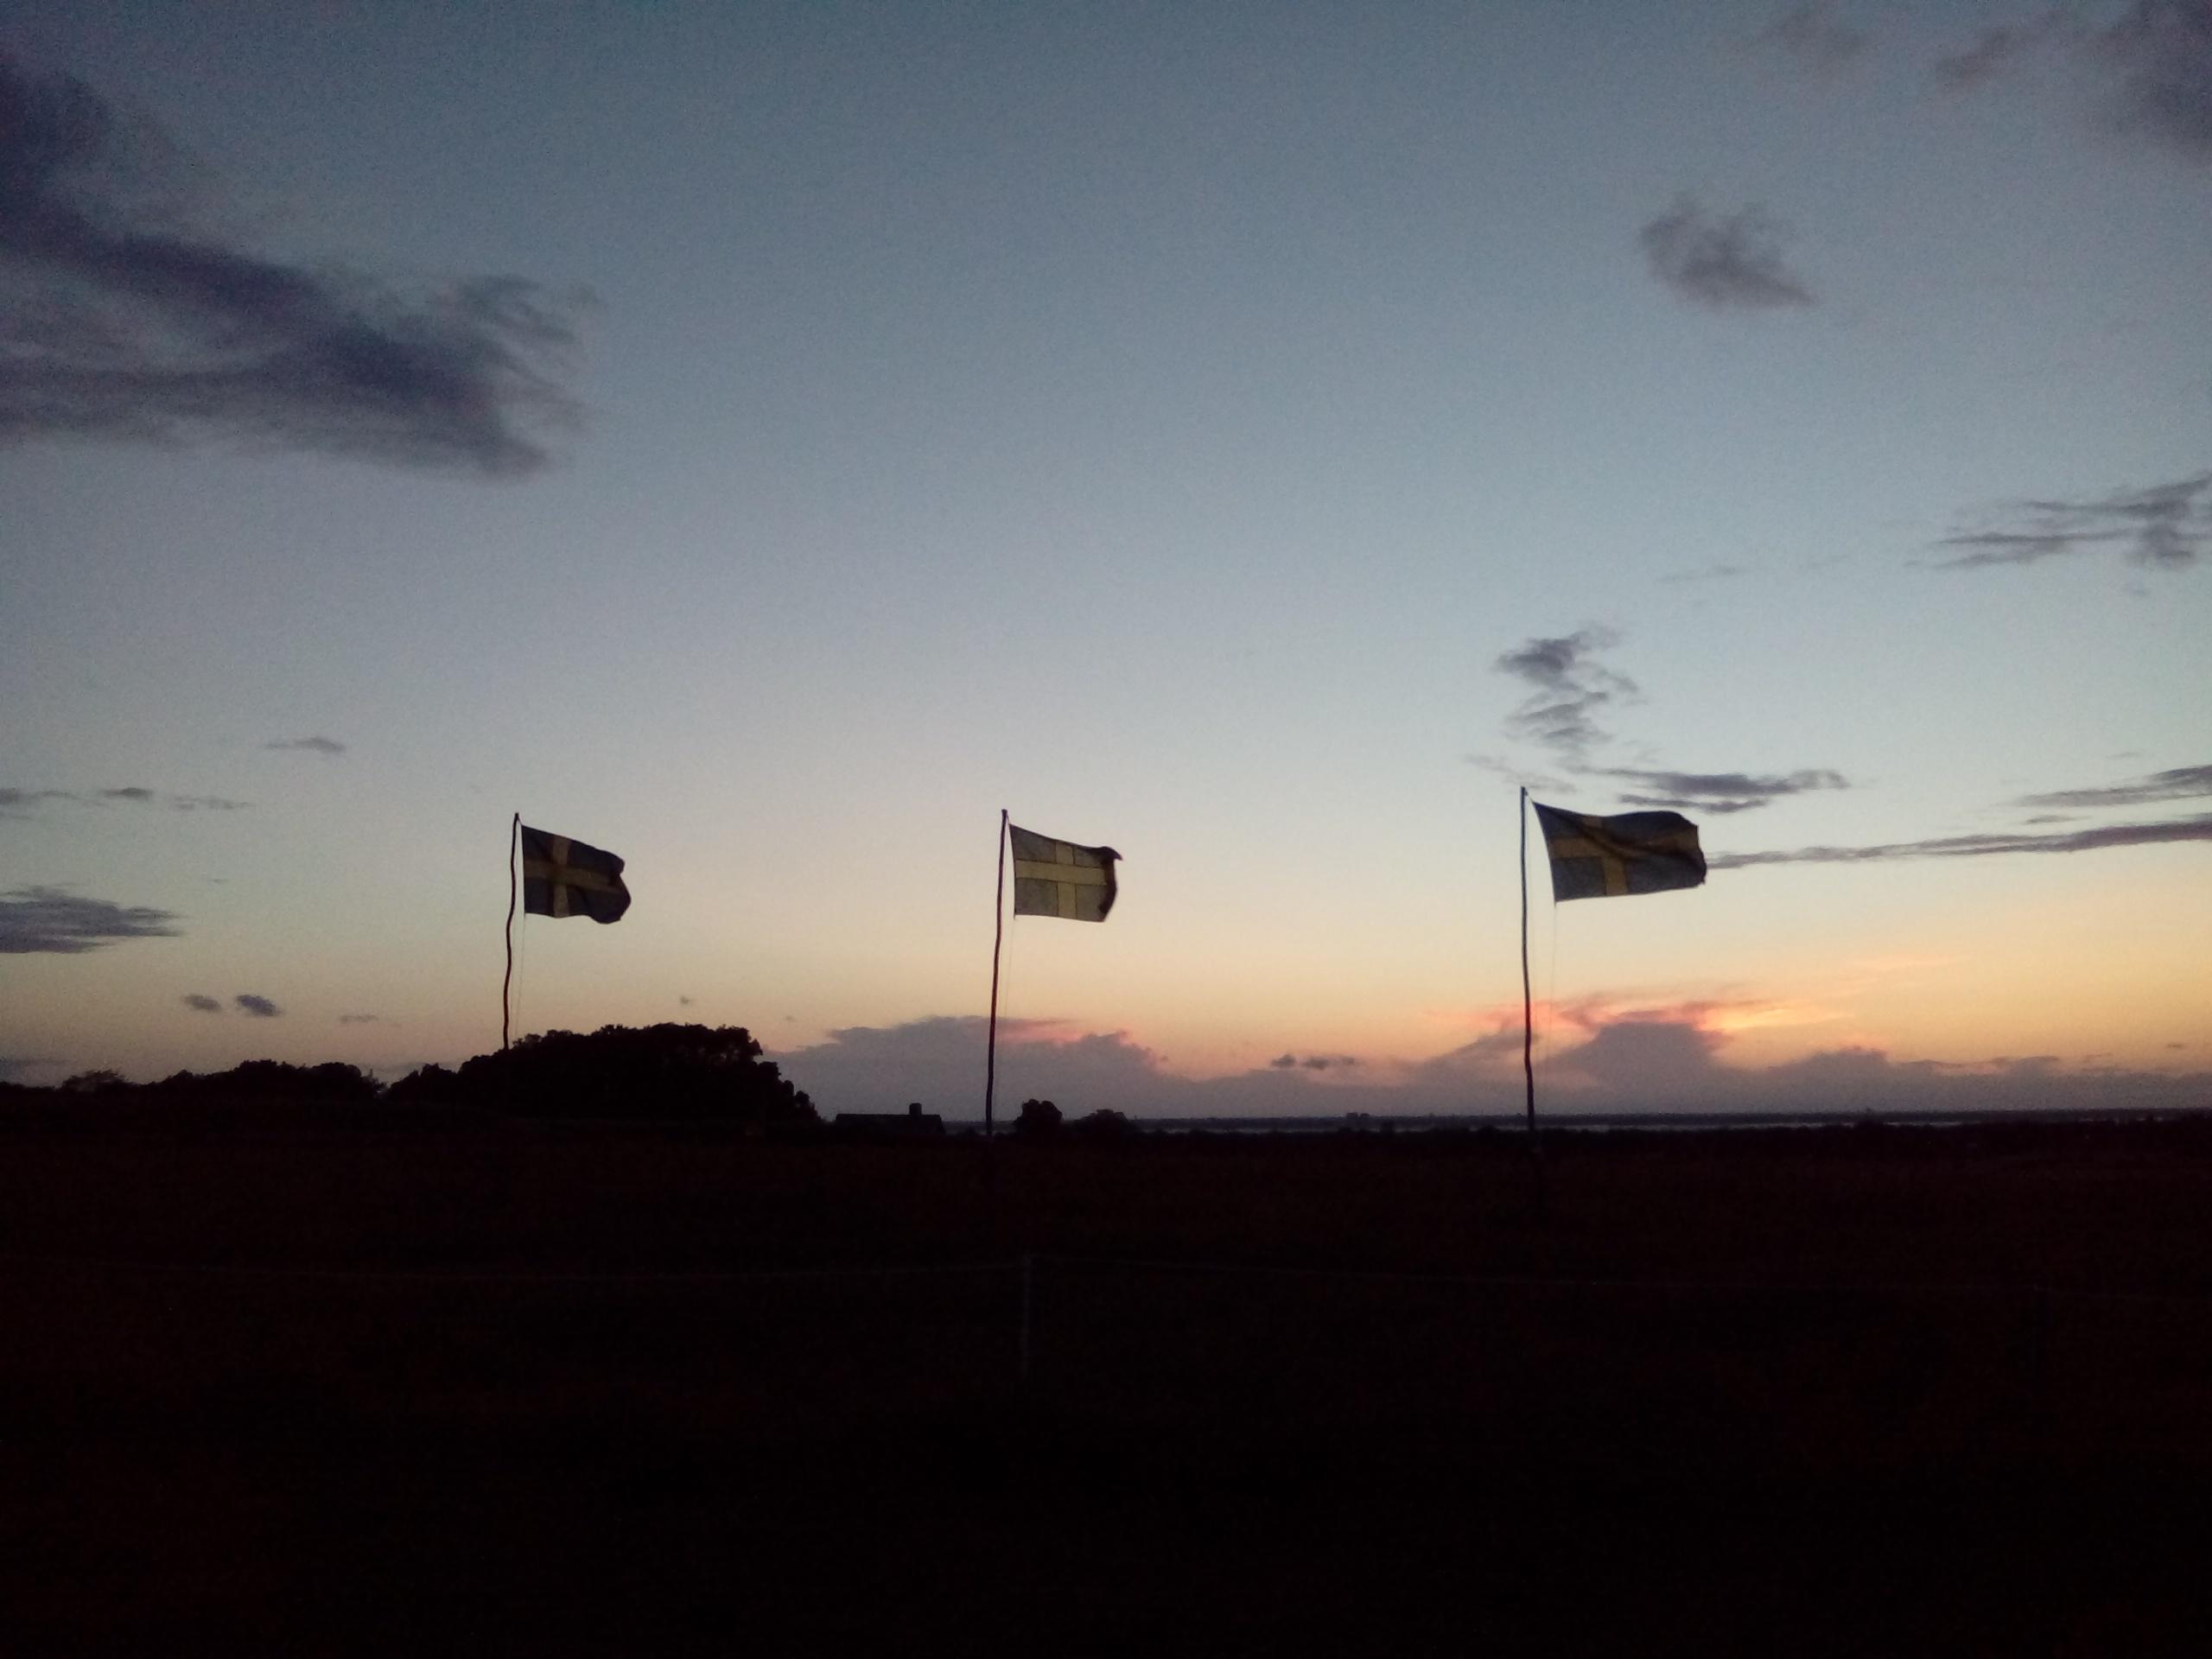 Den astronomiska visningen för allmänheten den 4 augusti lockade tyvärr få besökare. Vinden var frisk hela kvällen.